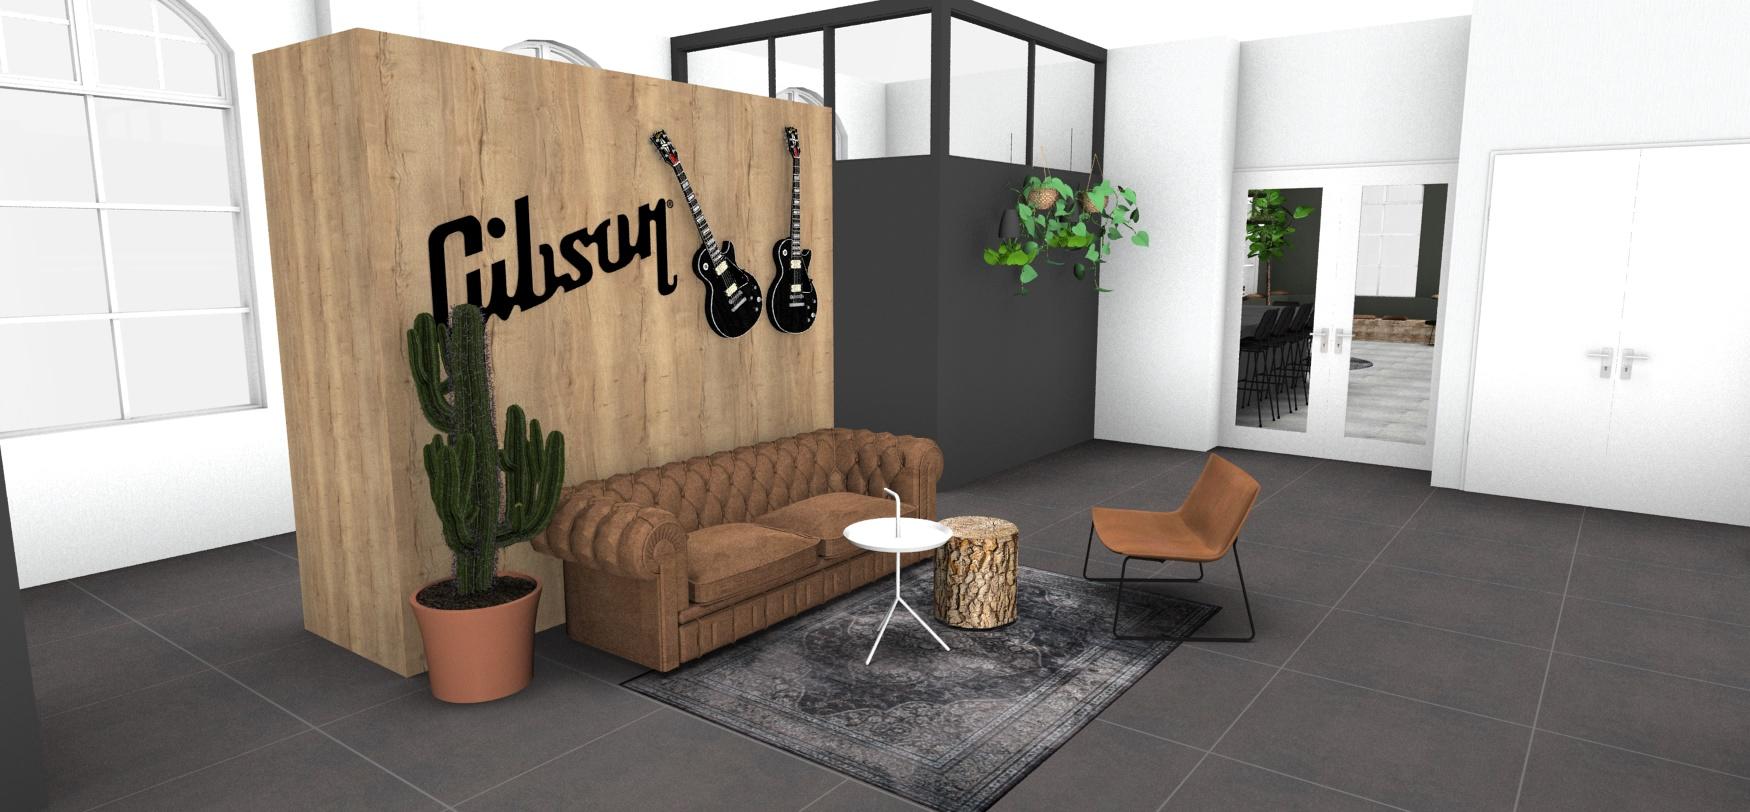 Gibson entree ontwerp tekeningen